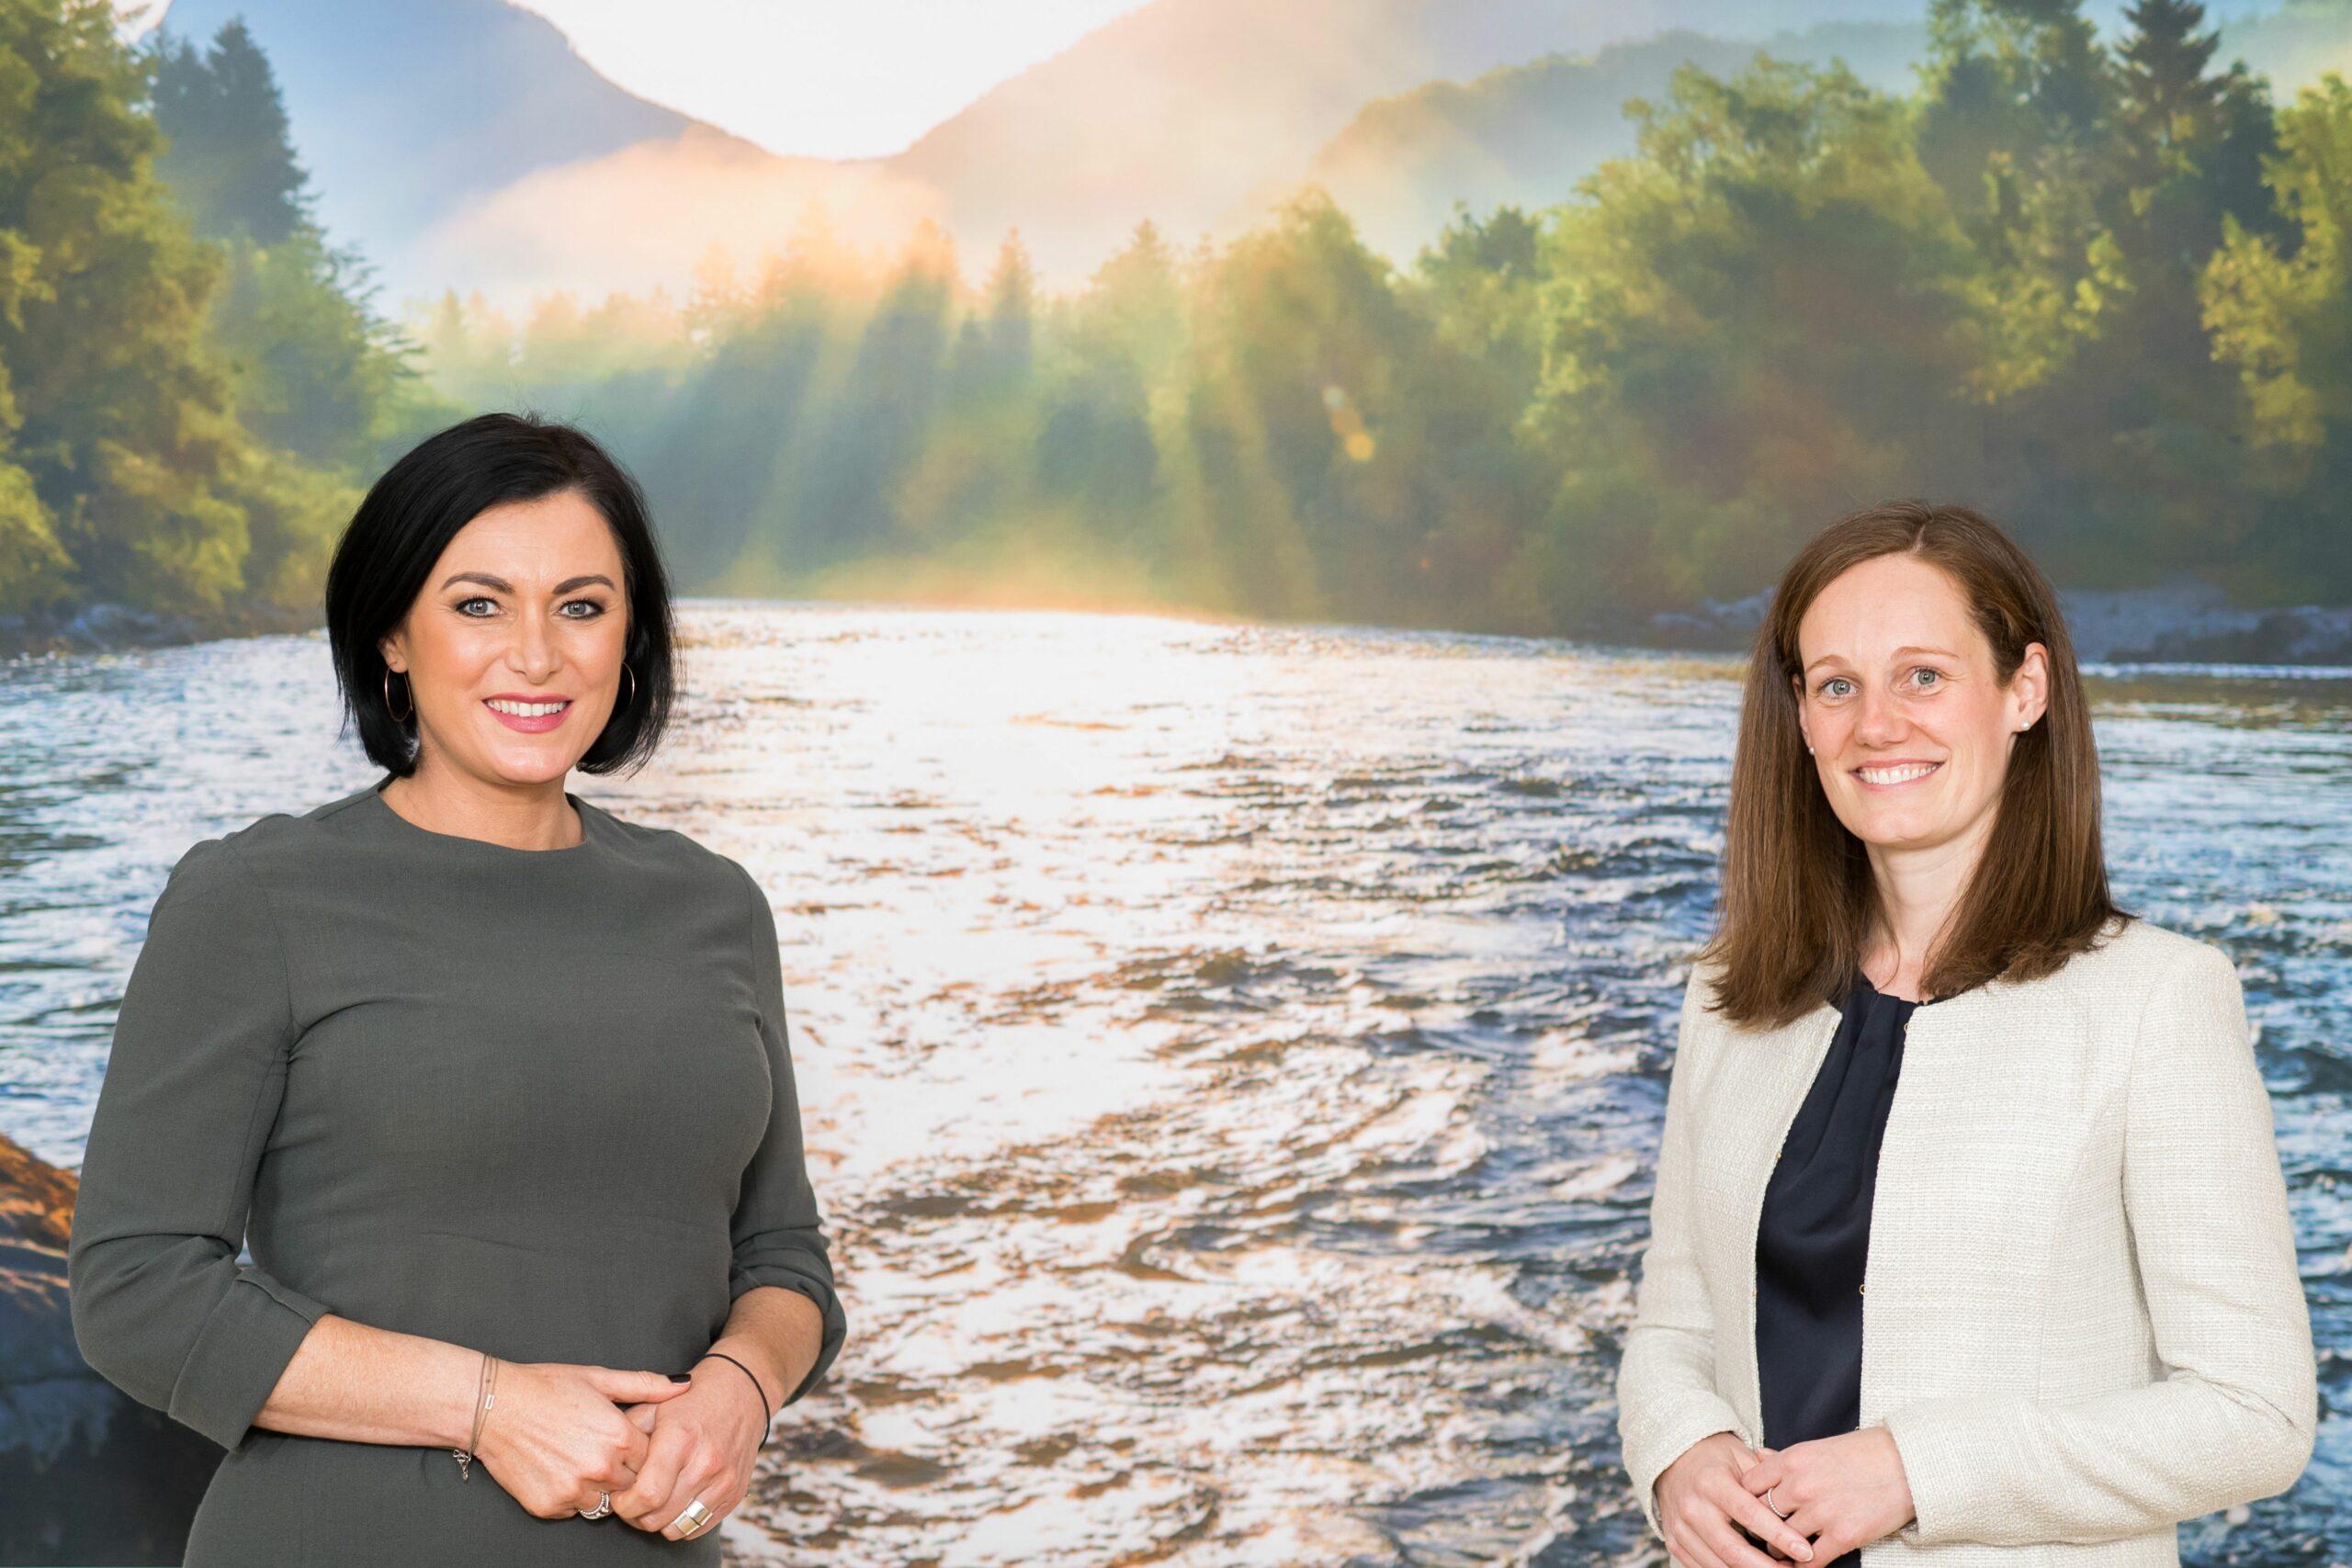 Tourismusministerin Elisabeth Köstinger und die neue Geschäftsführerin der Österreich Werbung, Lisa Weddig. Foto: BMLRT